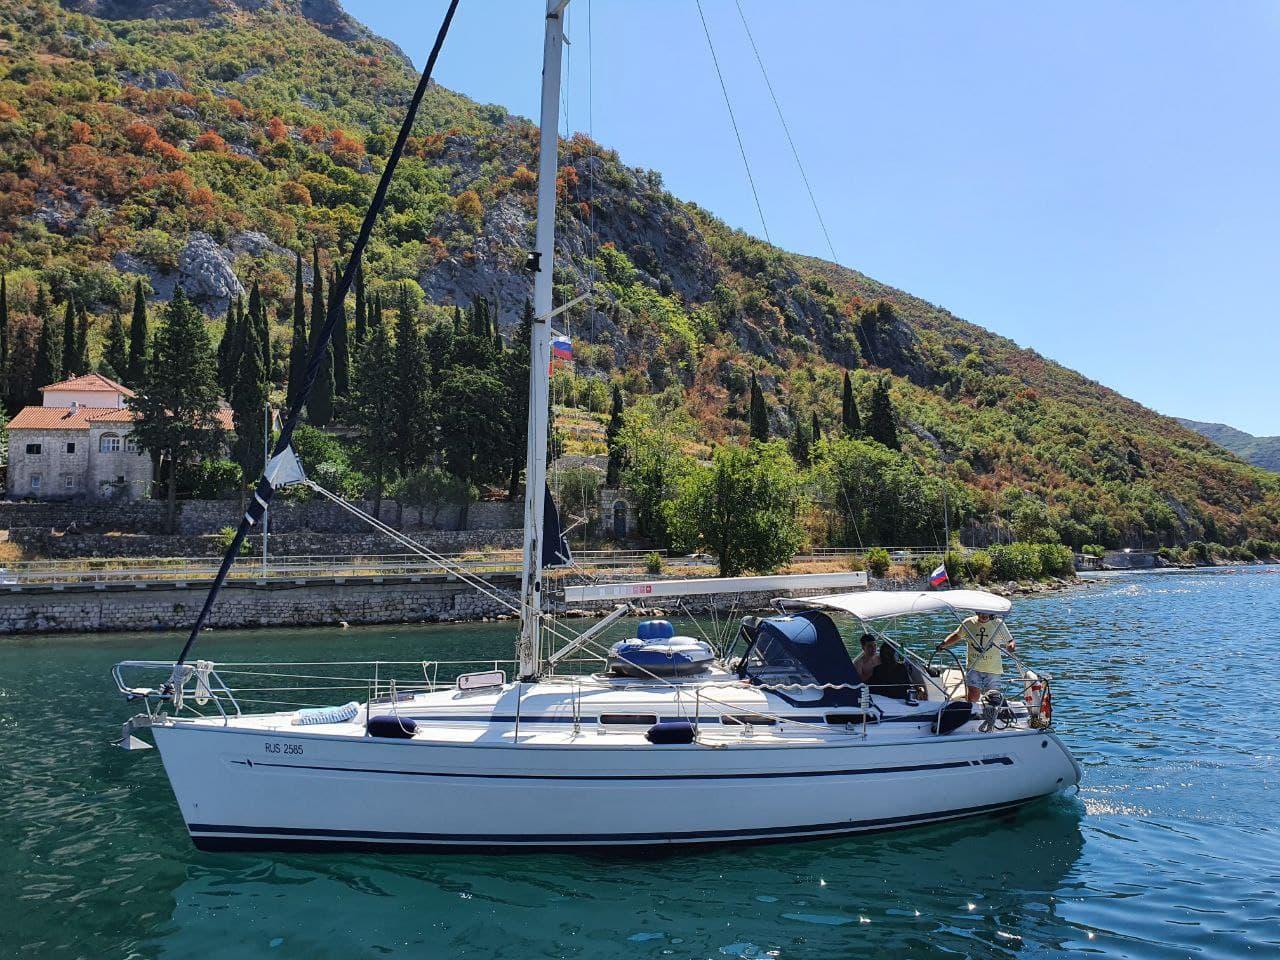 цена на аренду яхты в Тивате